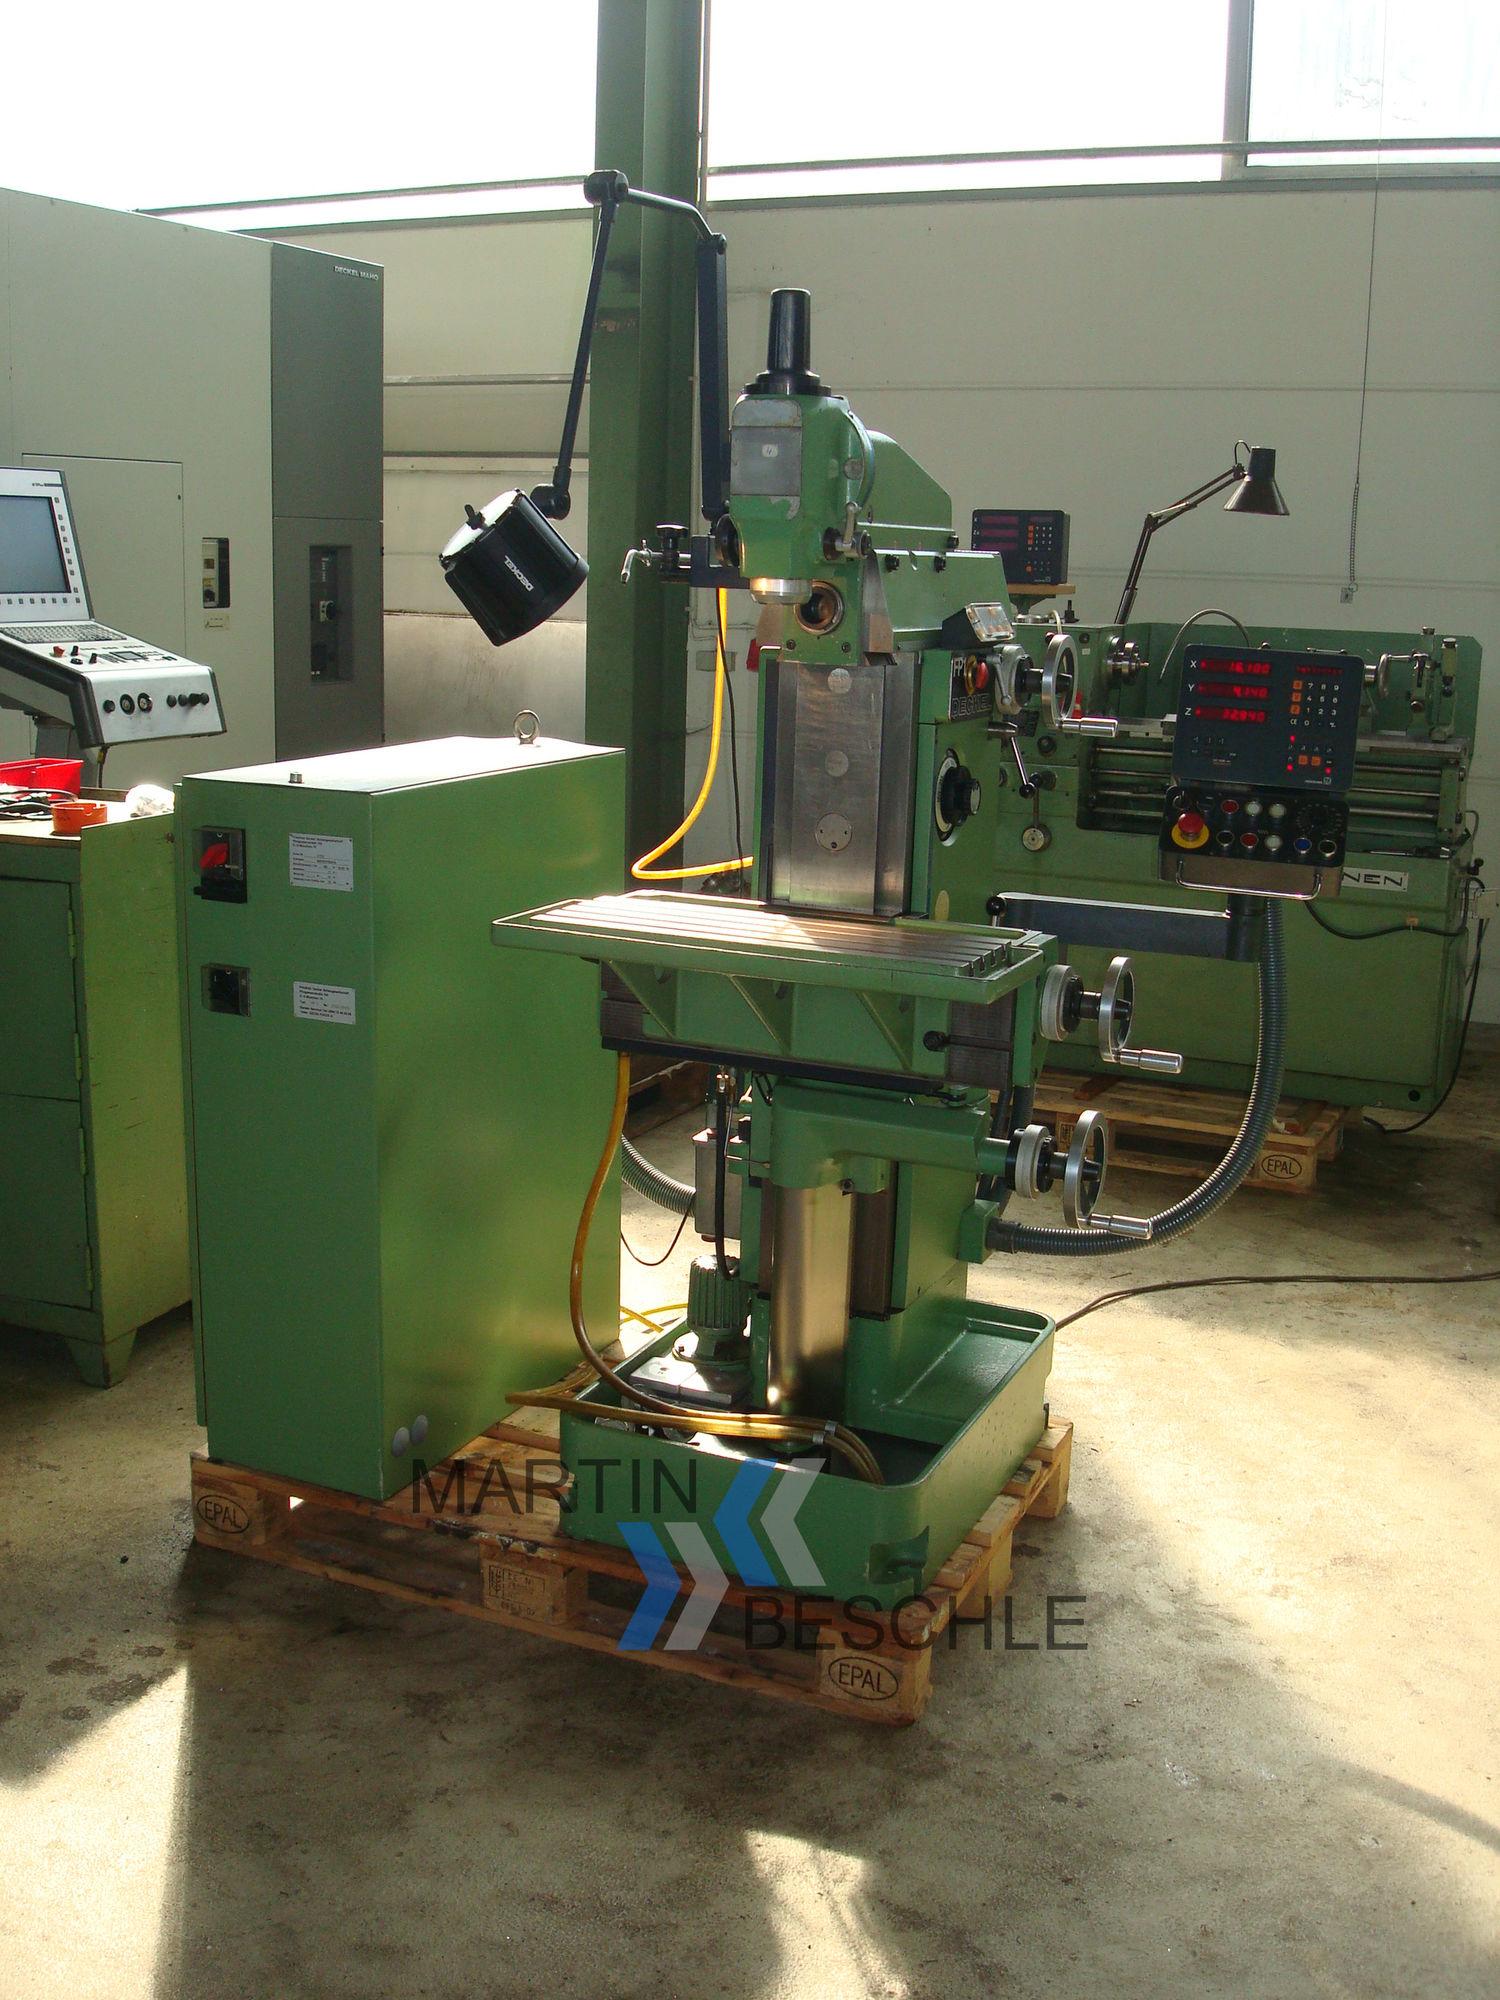 Universalwerkzeugfräsmaschine DECKEL FP 1 - Beschle